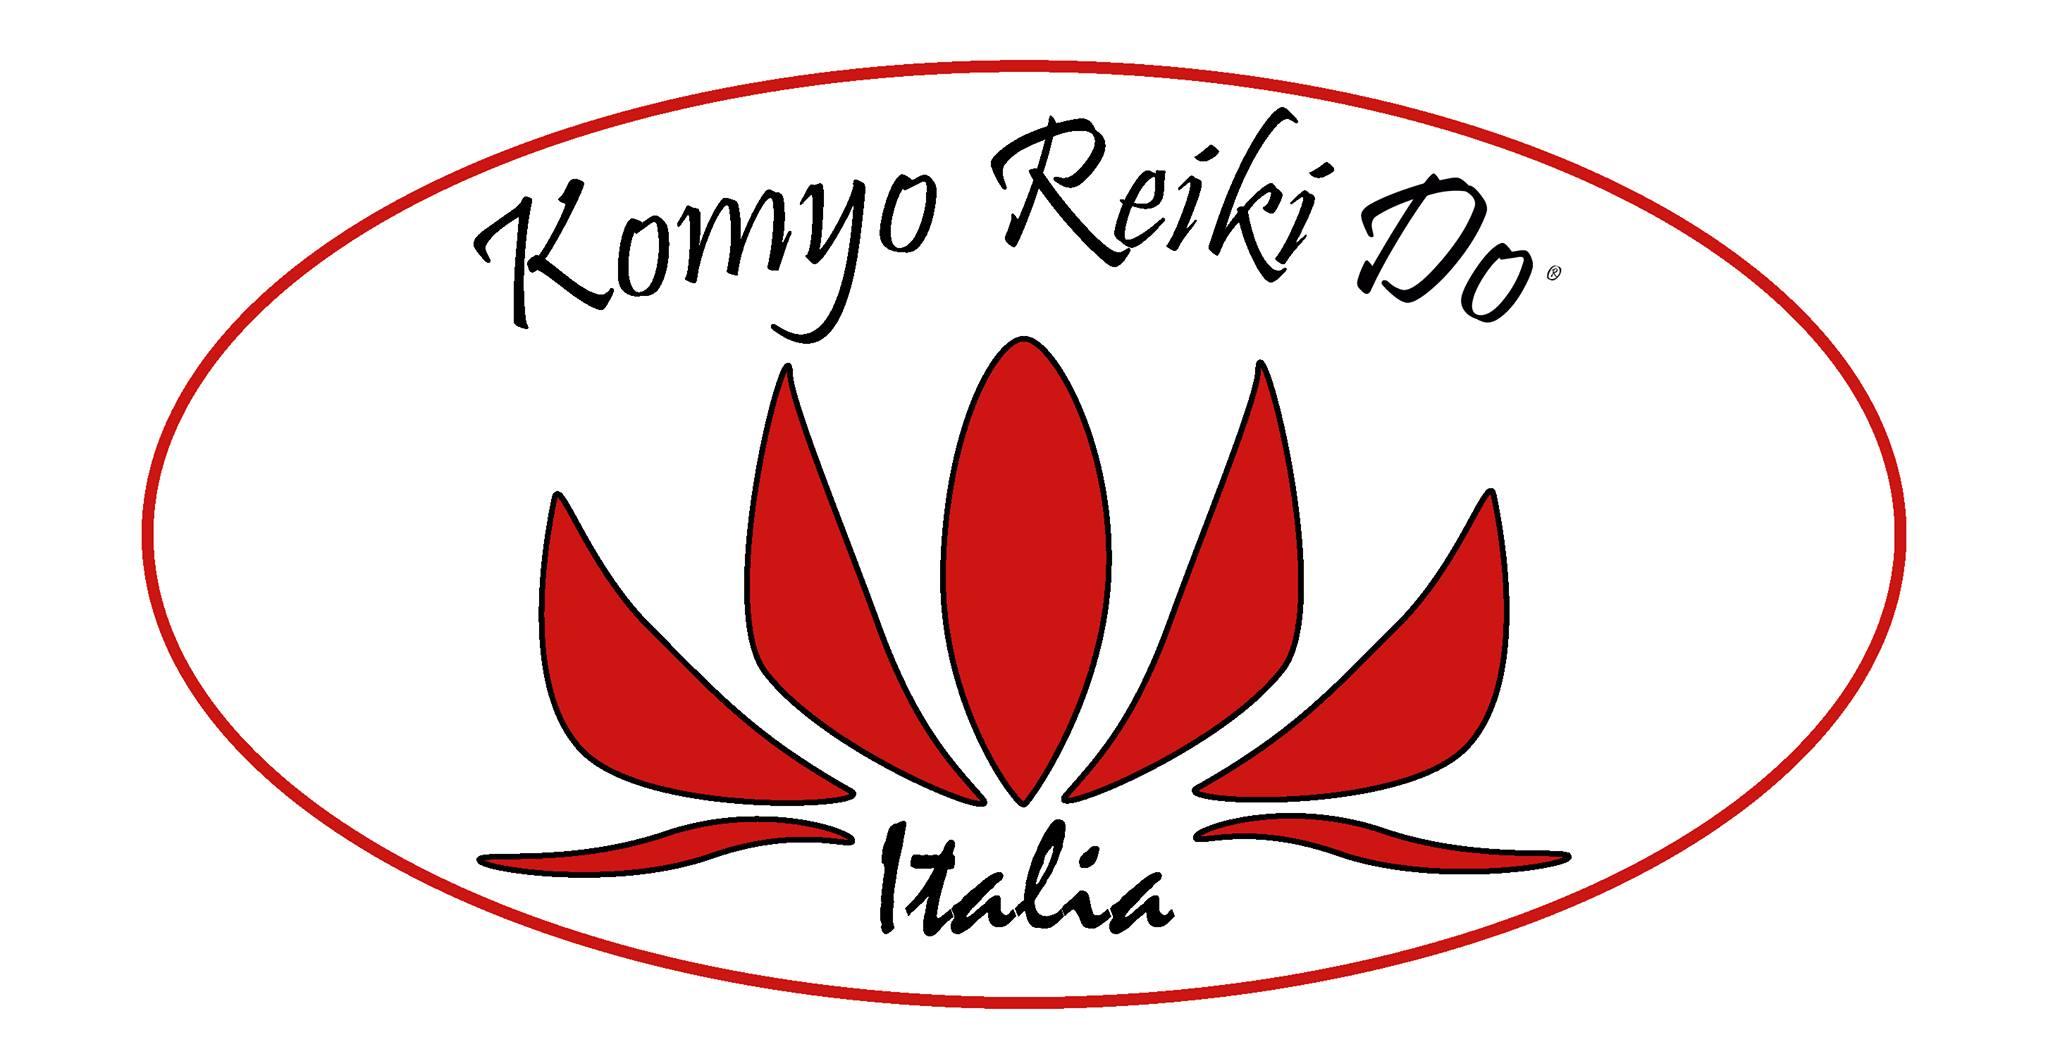 Komyo ReikiDo